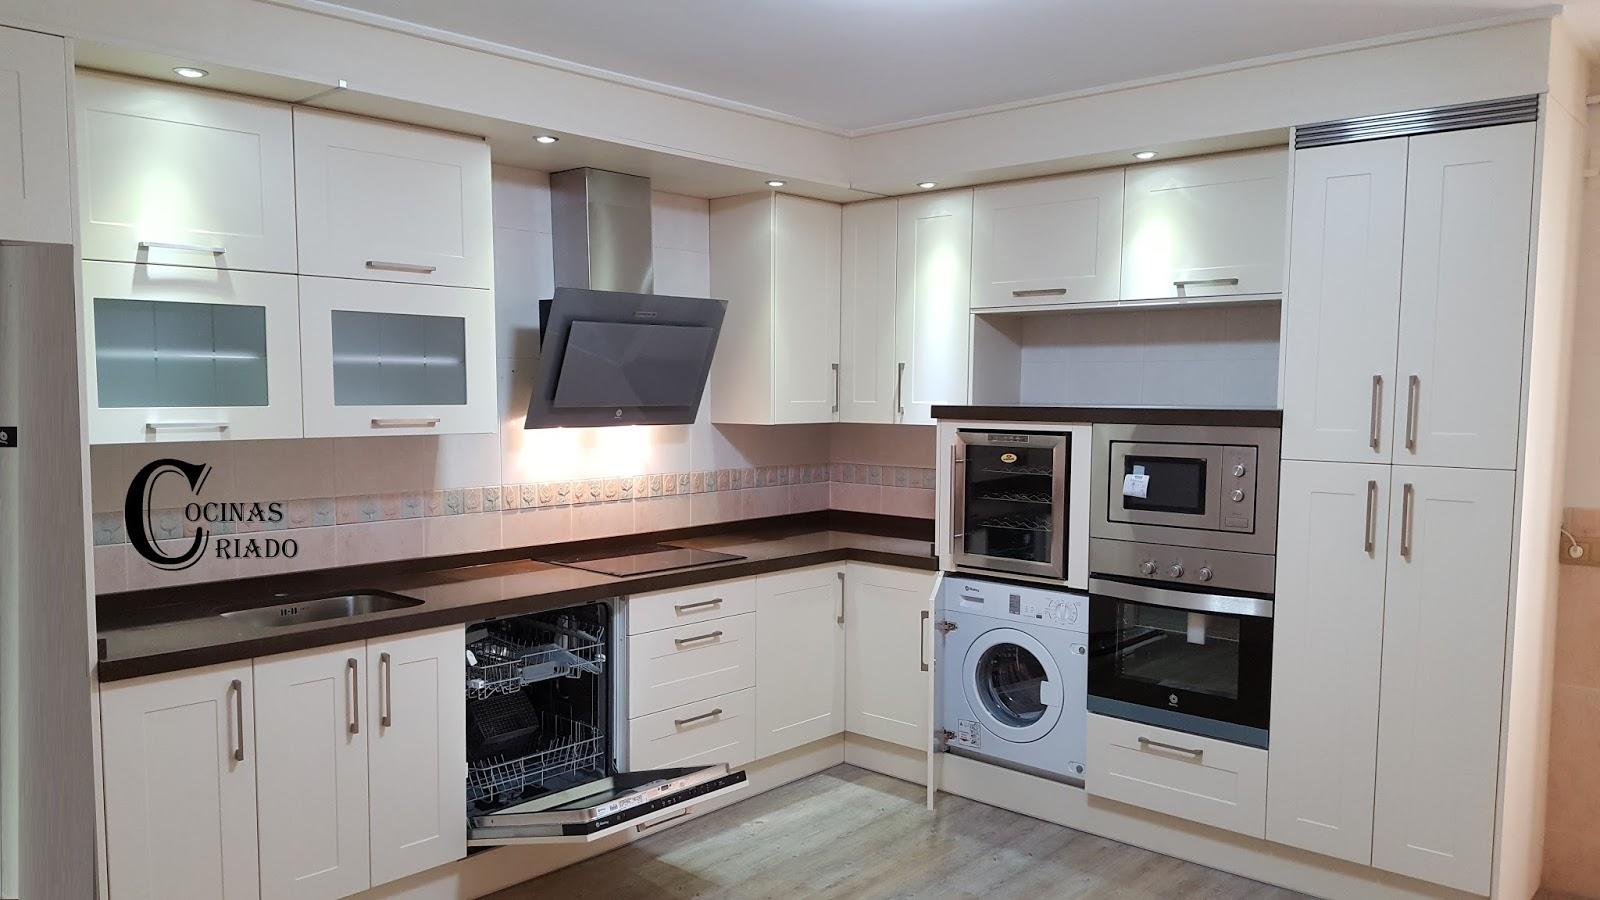 Cocinas criado roncal beige - Cocinas completas con electrodomesticos ...